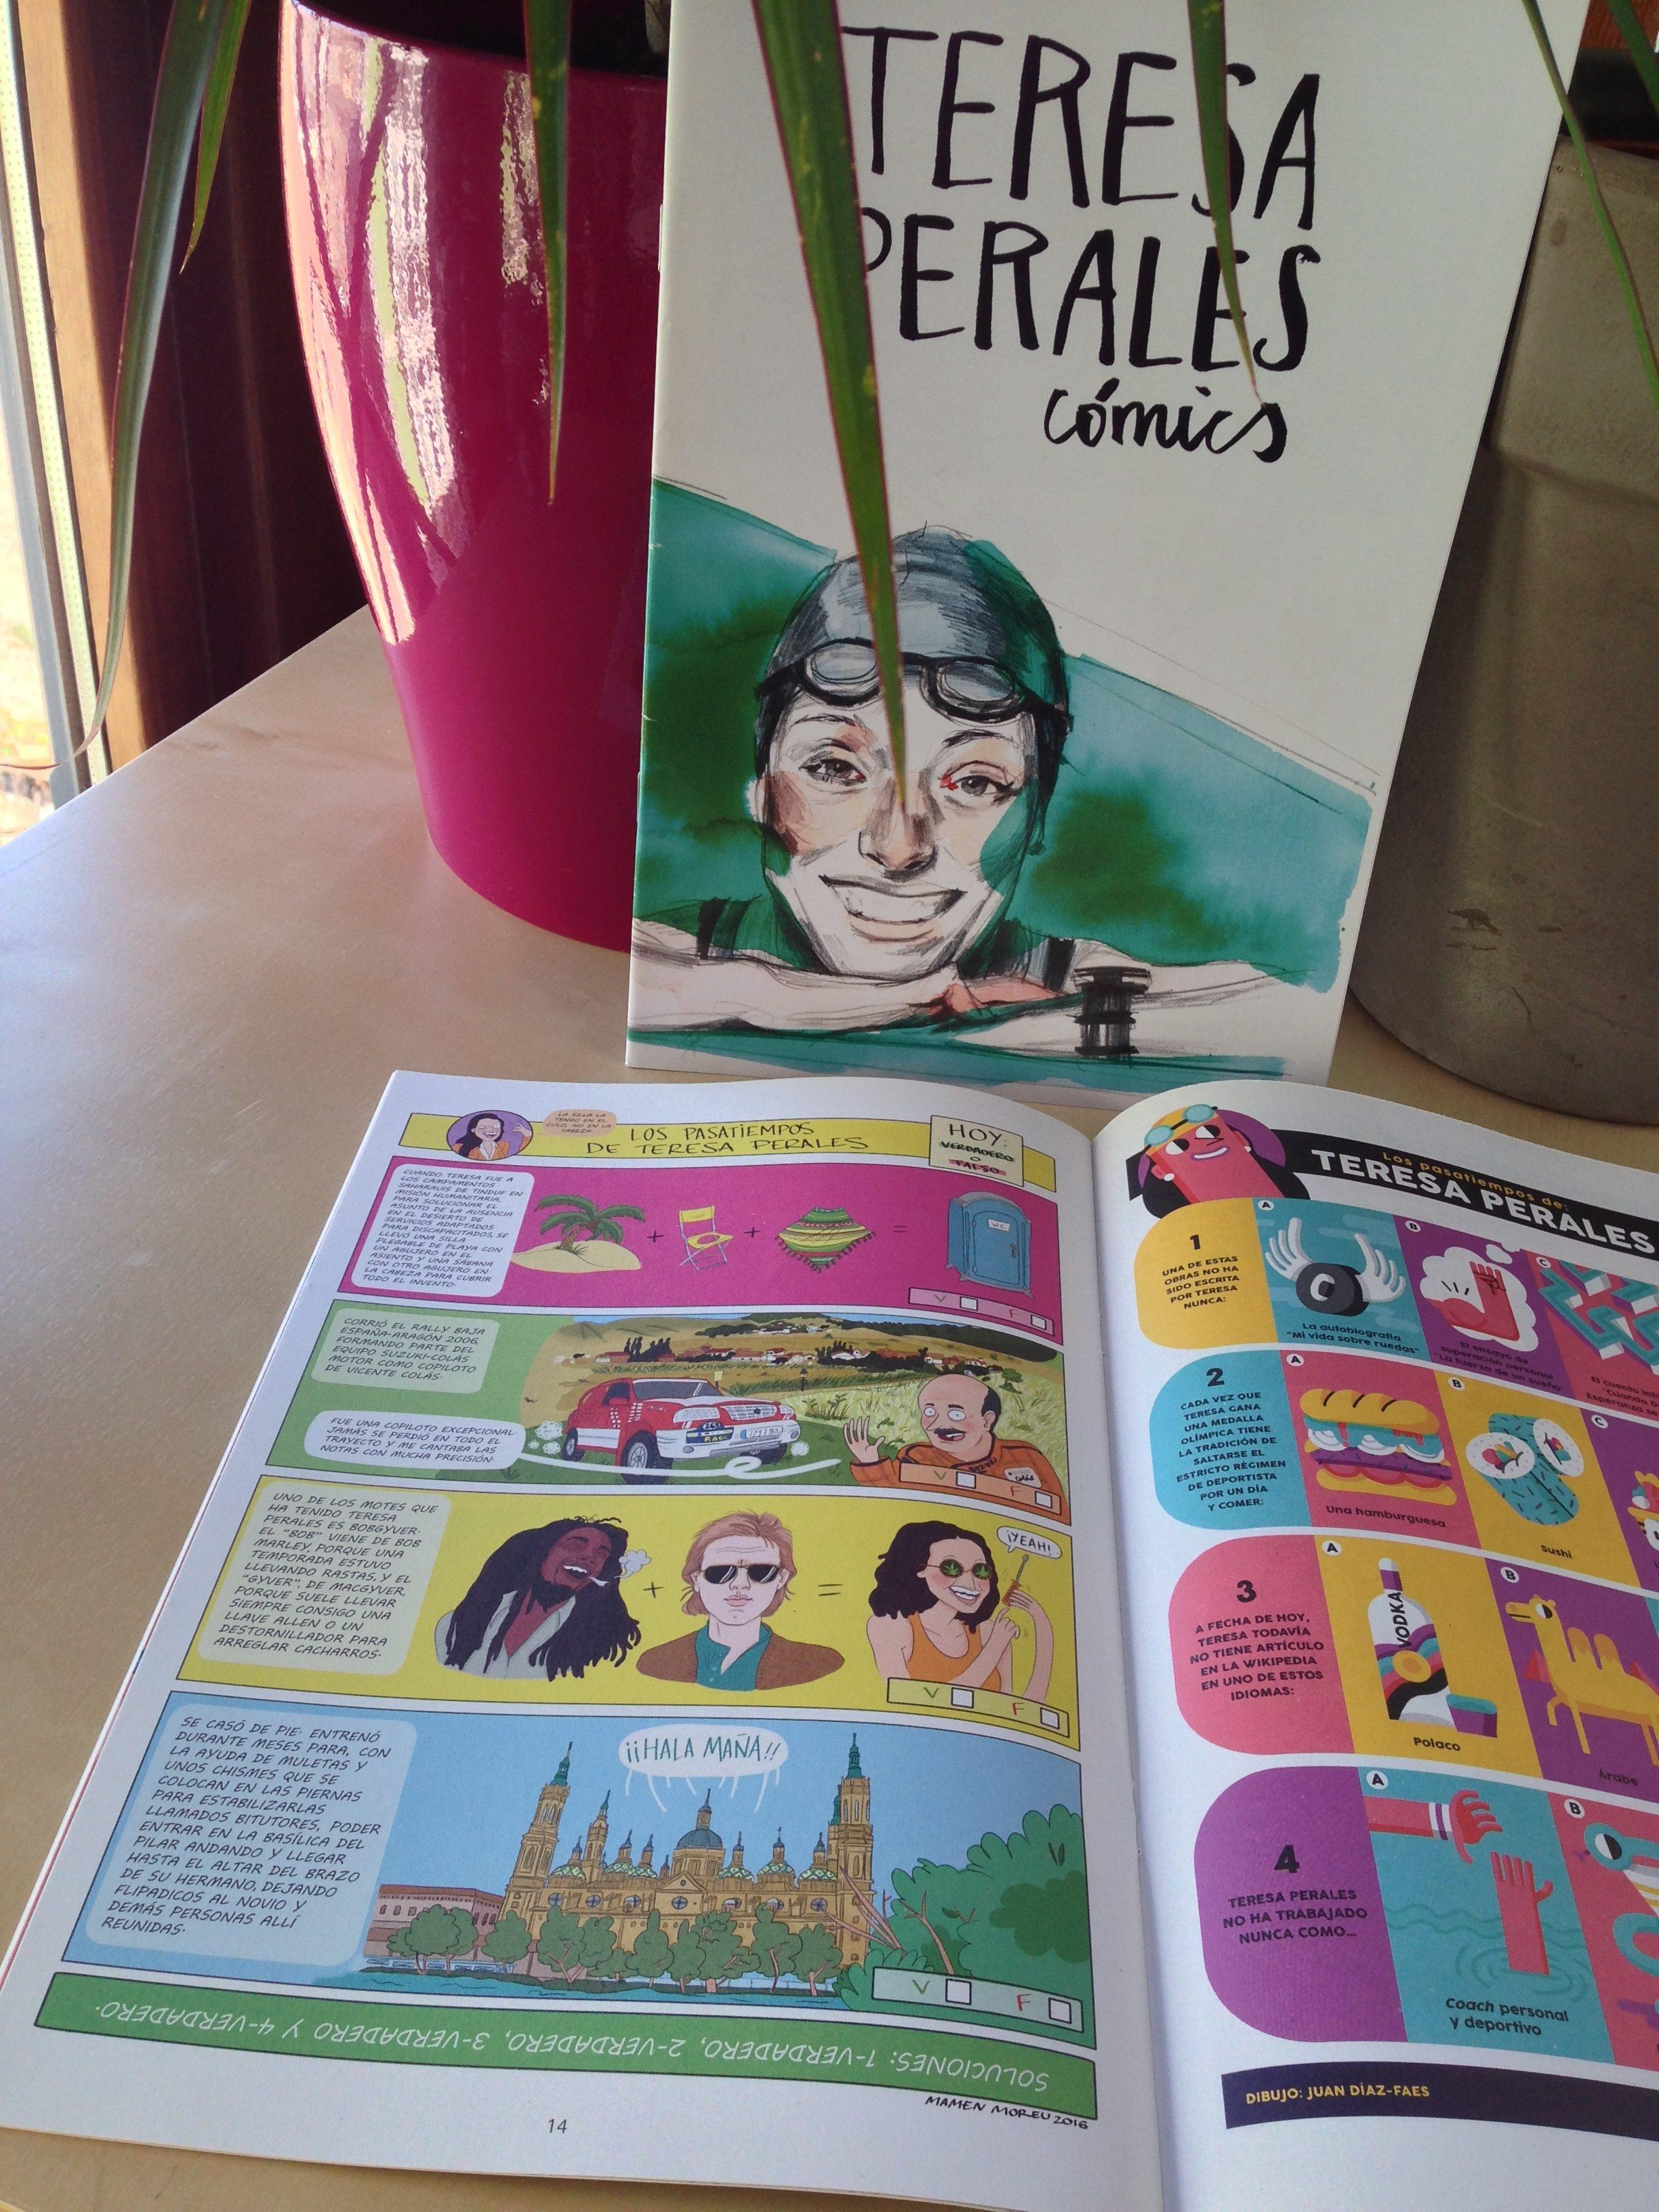 Teresa Perales cómics!!